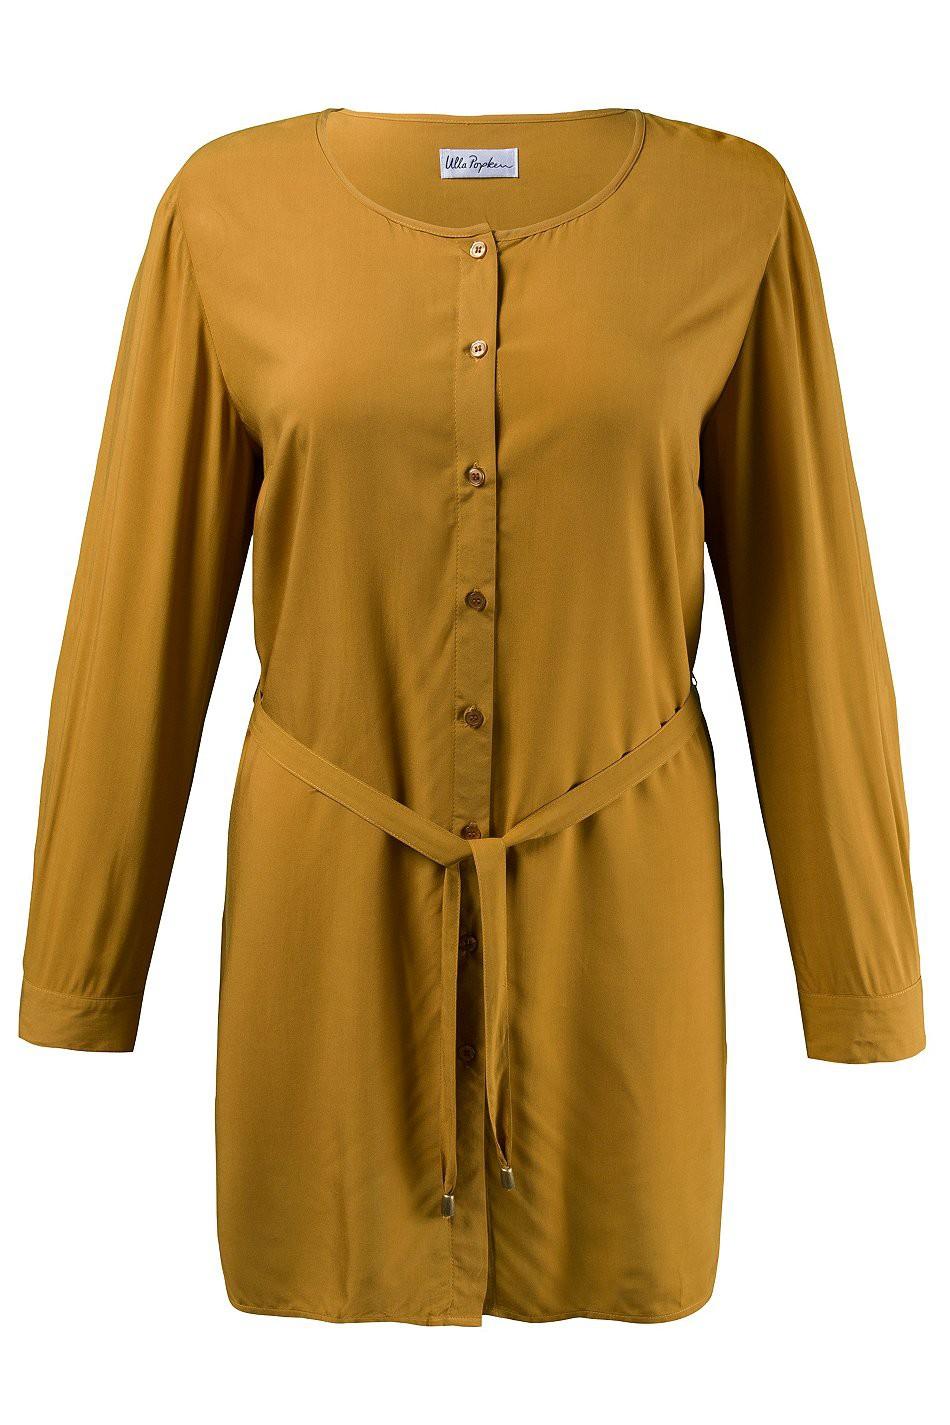 ulla popken lange bluse ohne kragen beige neu damenmode. Black Bedroom Furniture Sets. Home Design Ideas